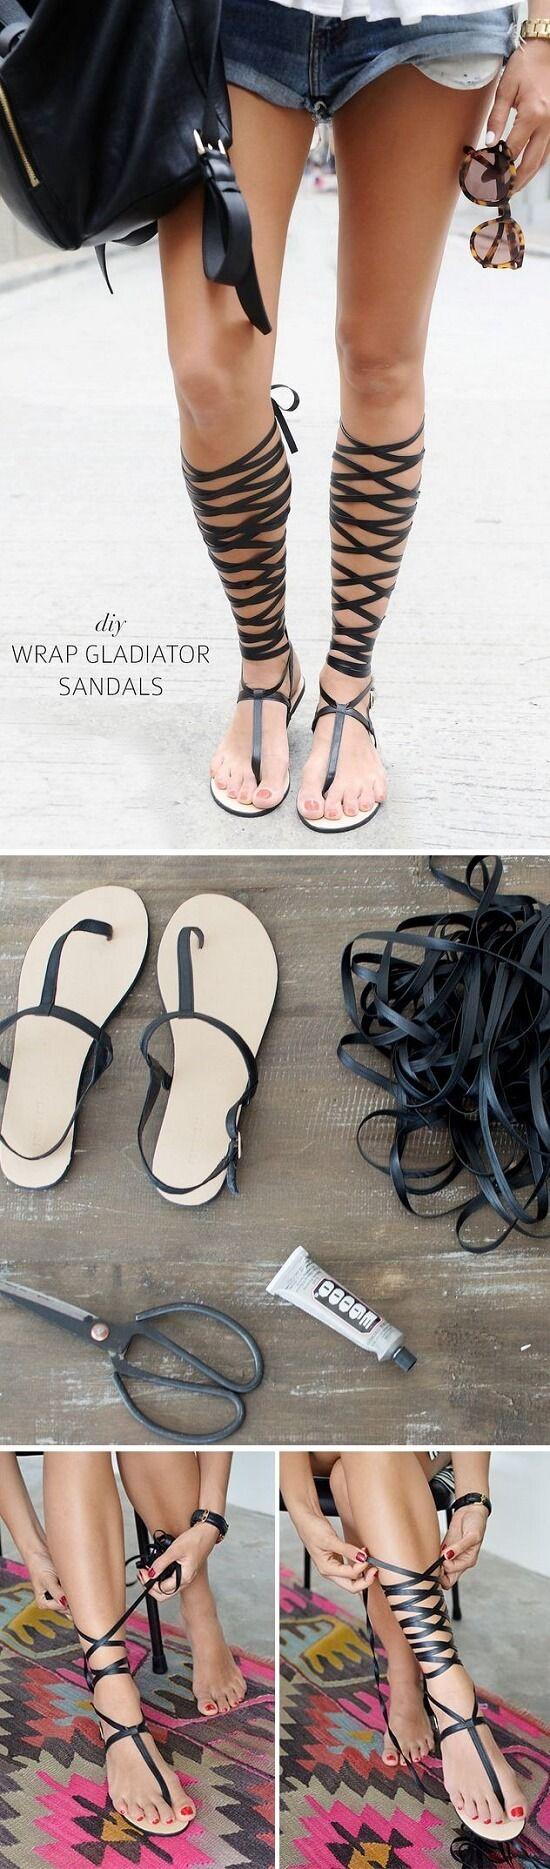 9 besten Pimp it up! Bilder auf Pinterest | Fußbekleidung ...